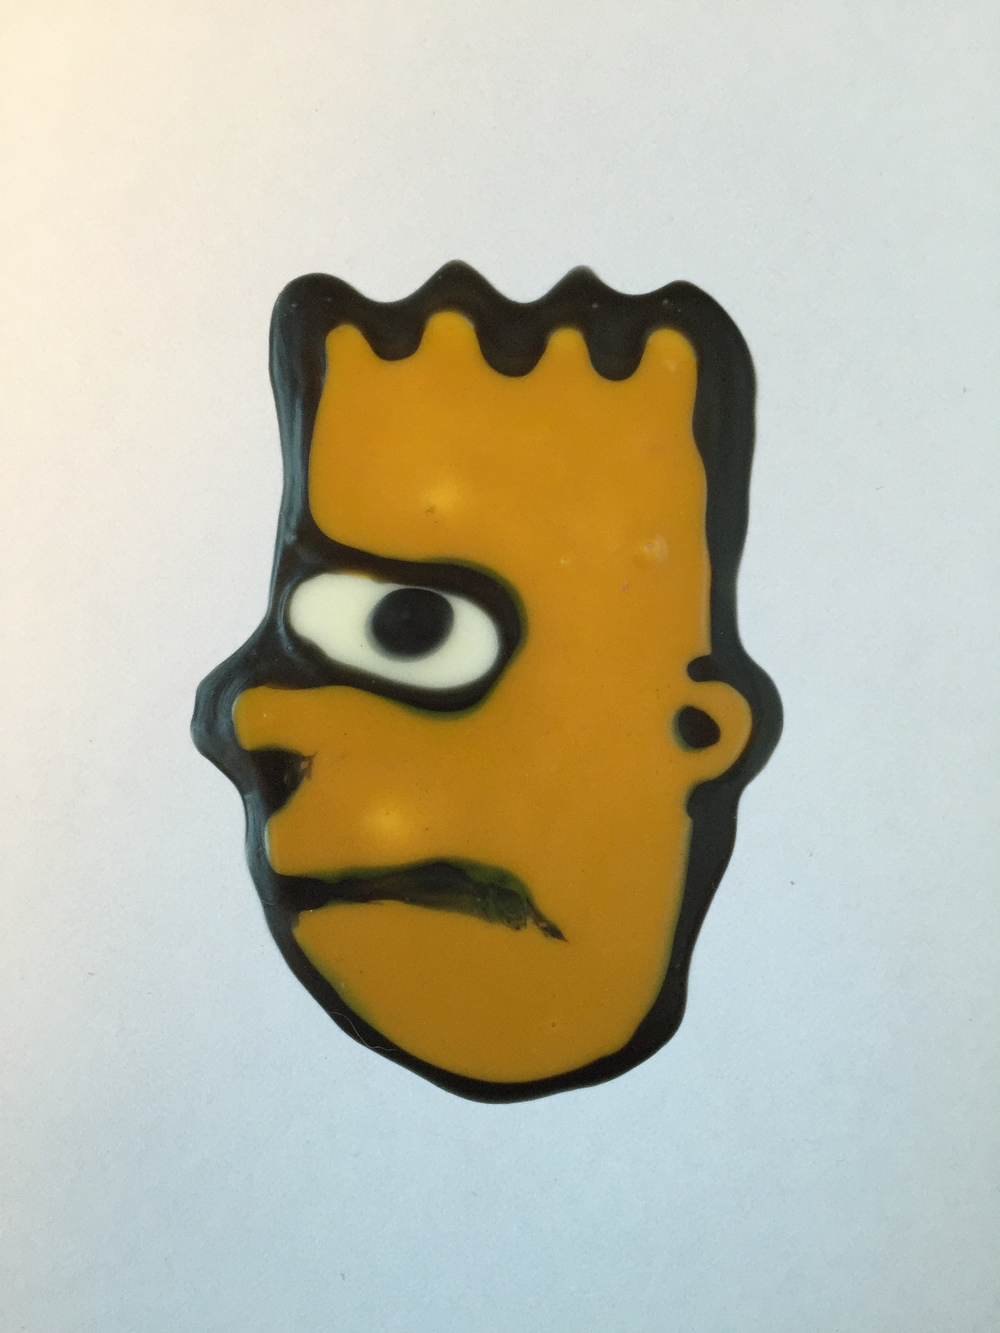 One-eyed Bart